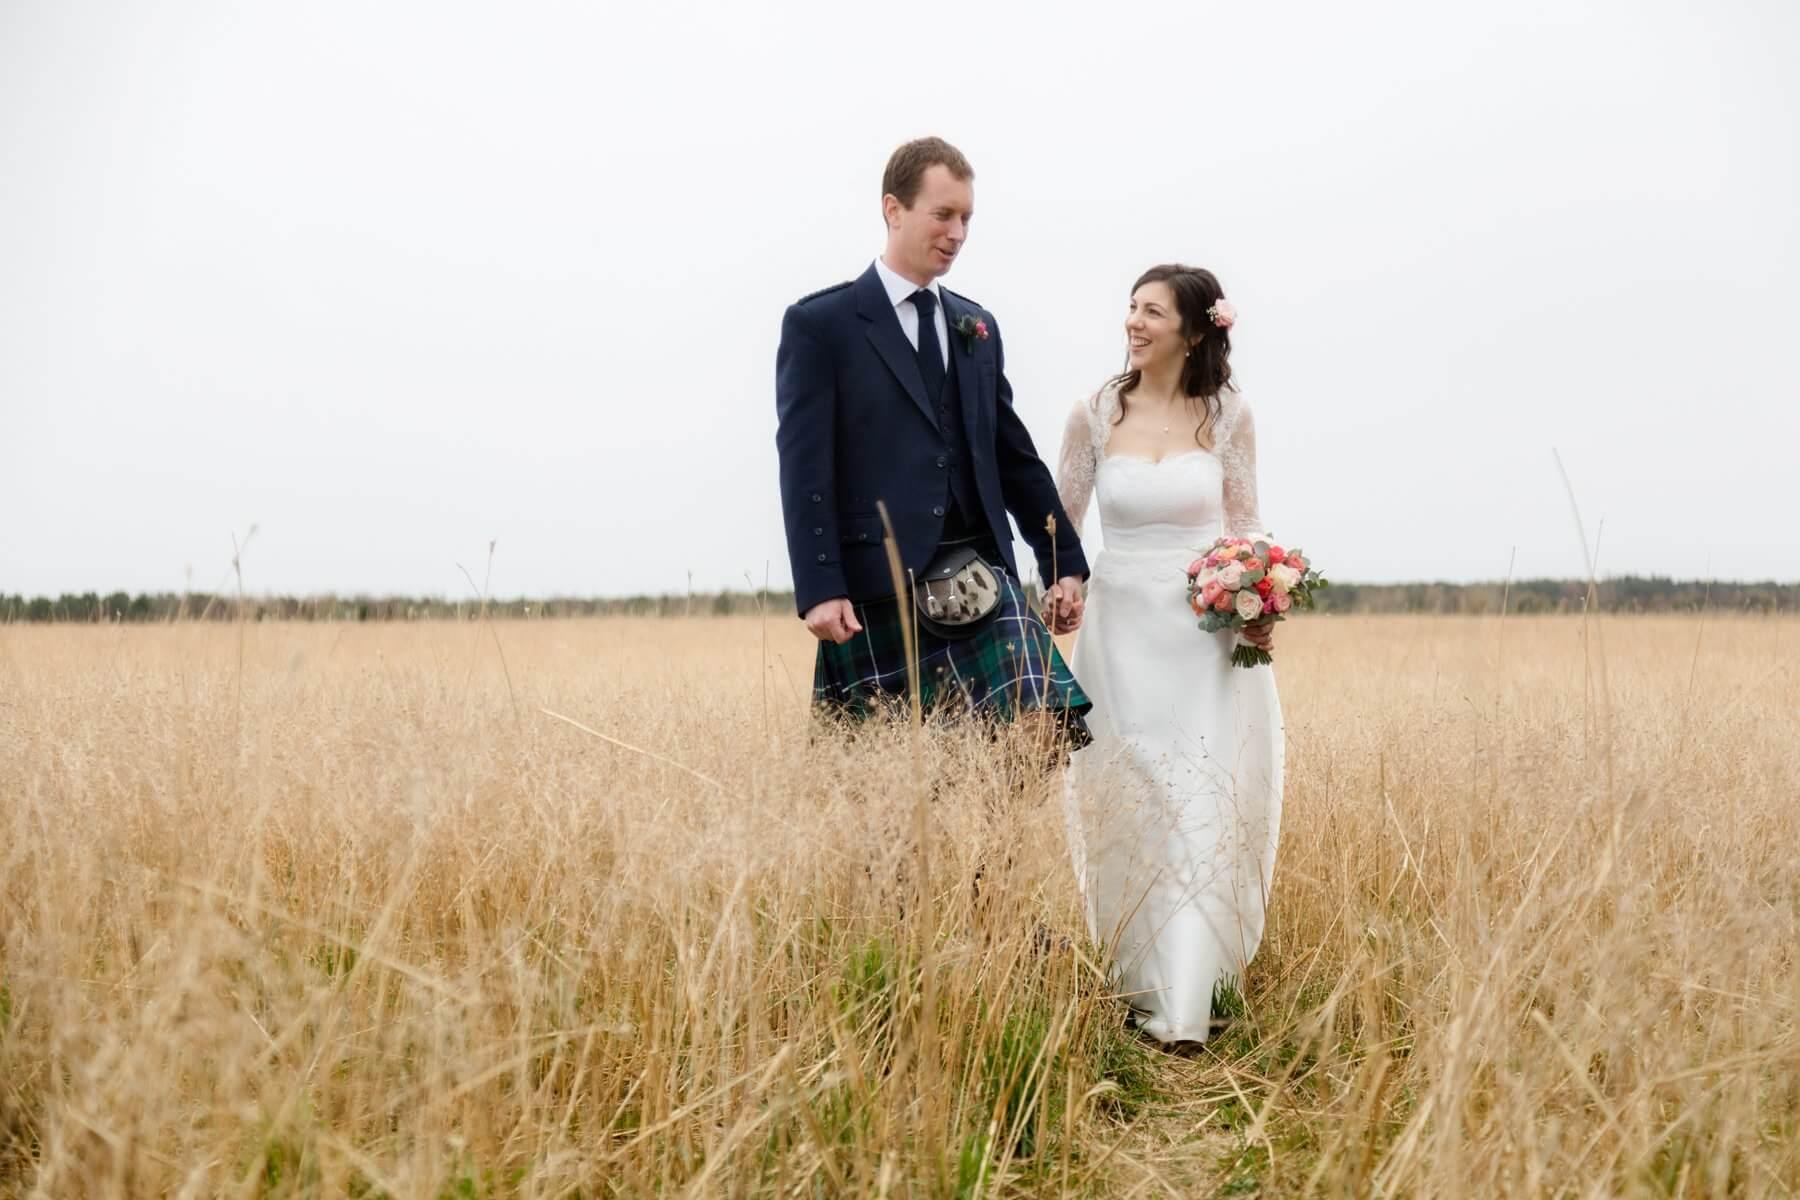 Rhynd Wedding Photography